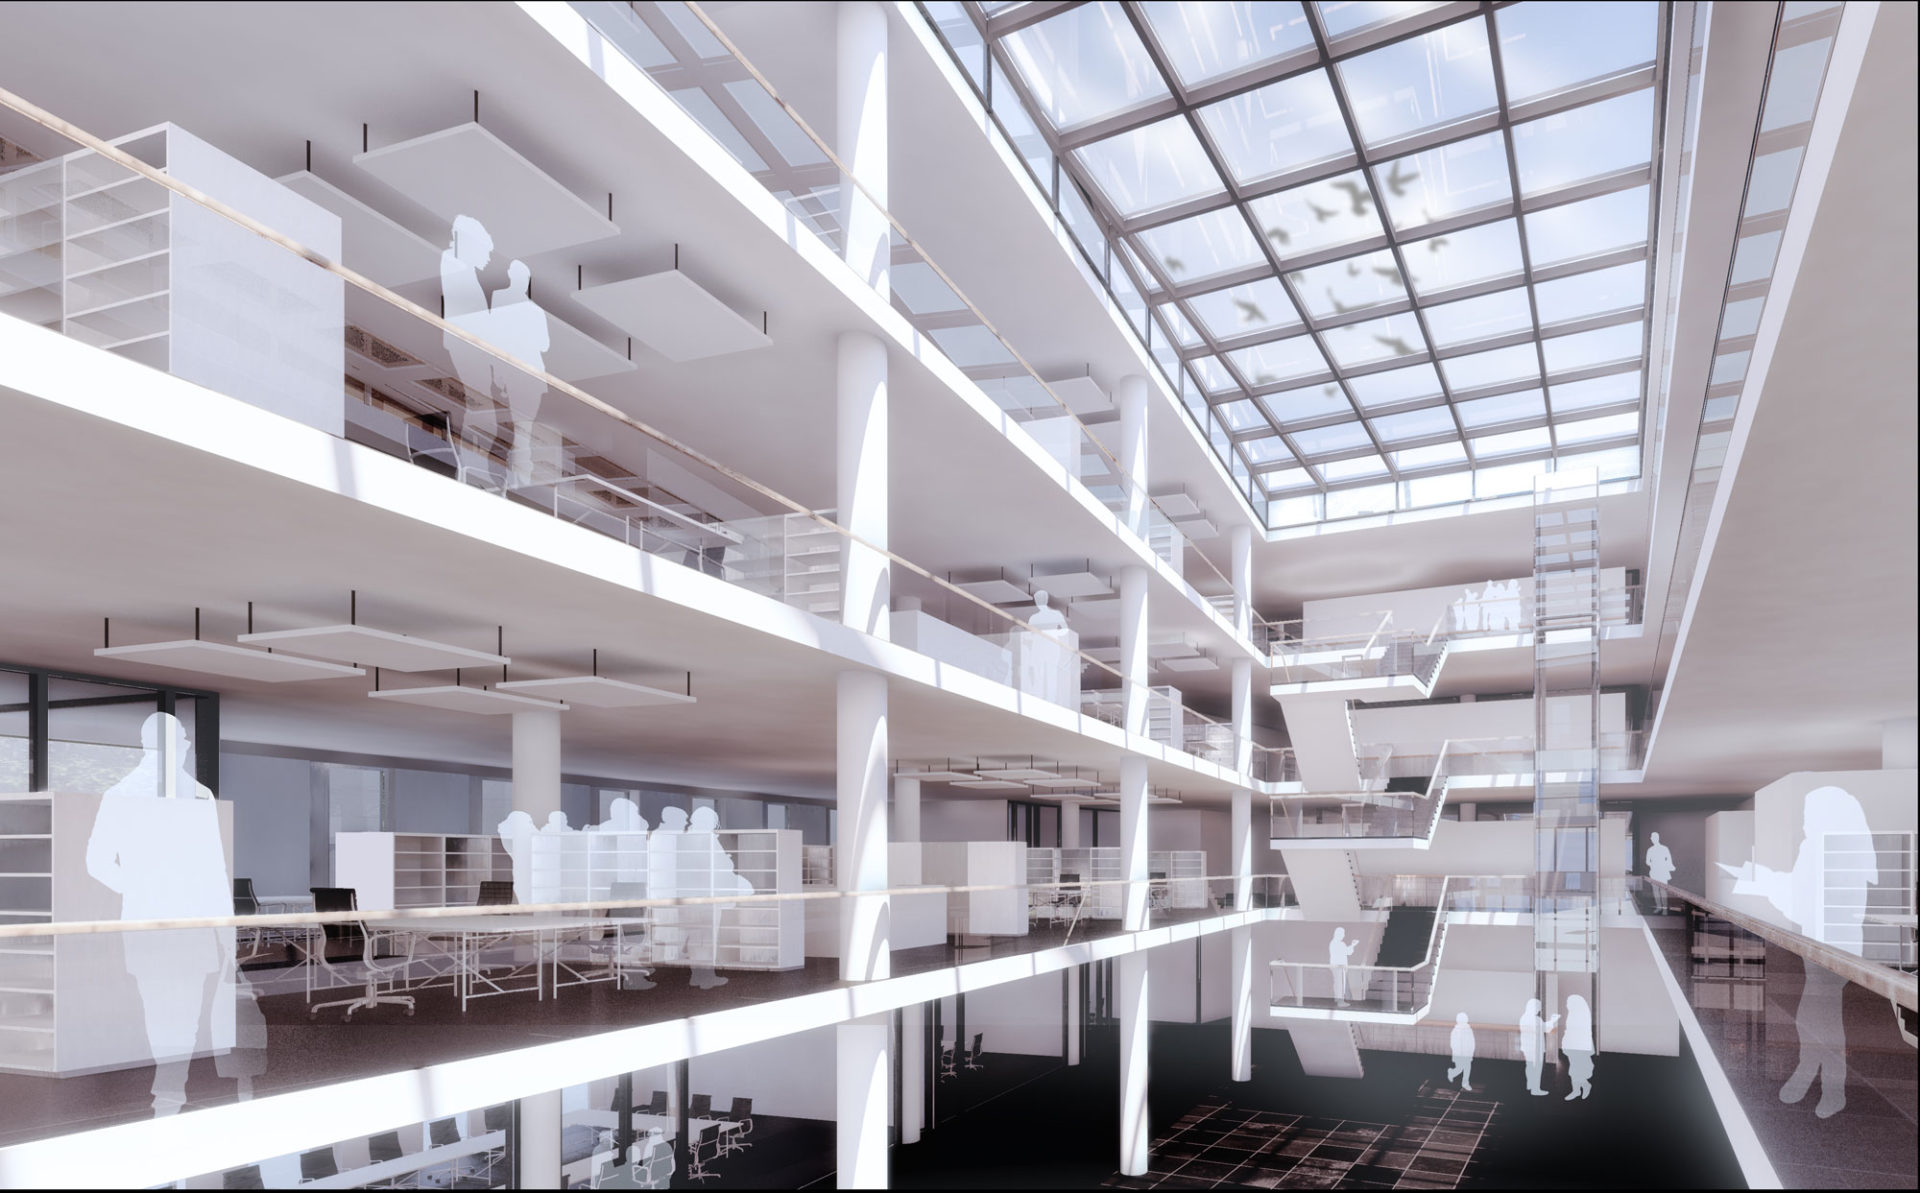 forschungs und entwicklungsgeb ude vorwerk wuppertal architekturfabrik mingrone melchert. Black Bedroom Furniture Sets. Home Design Ideas